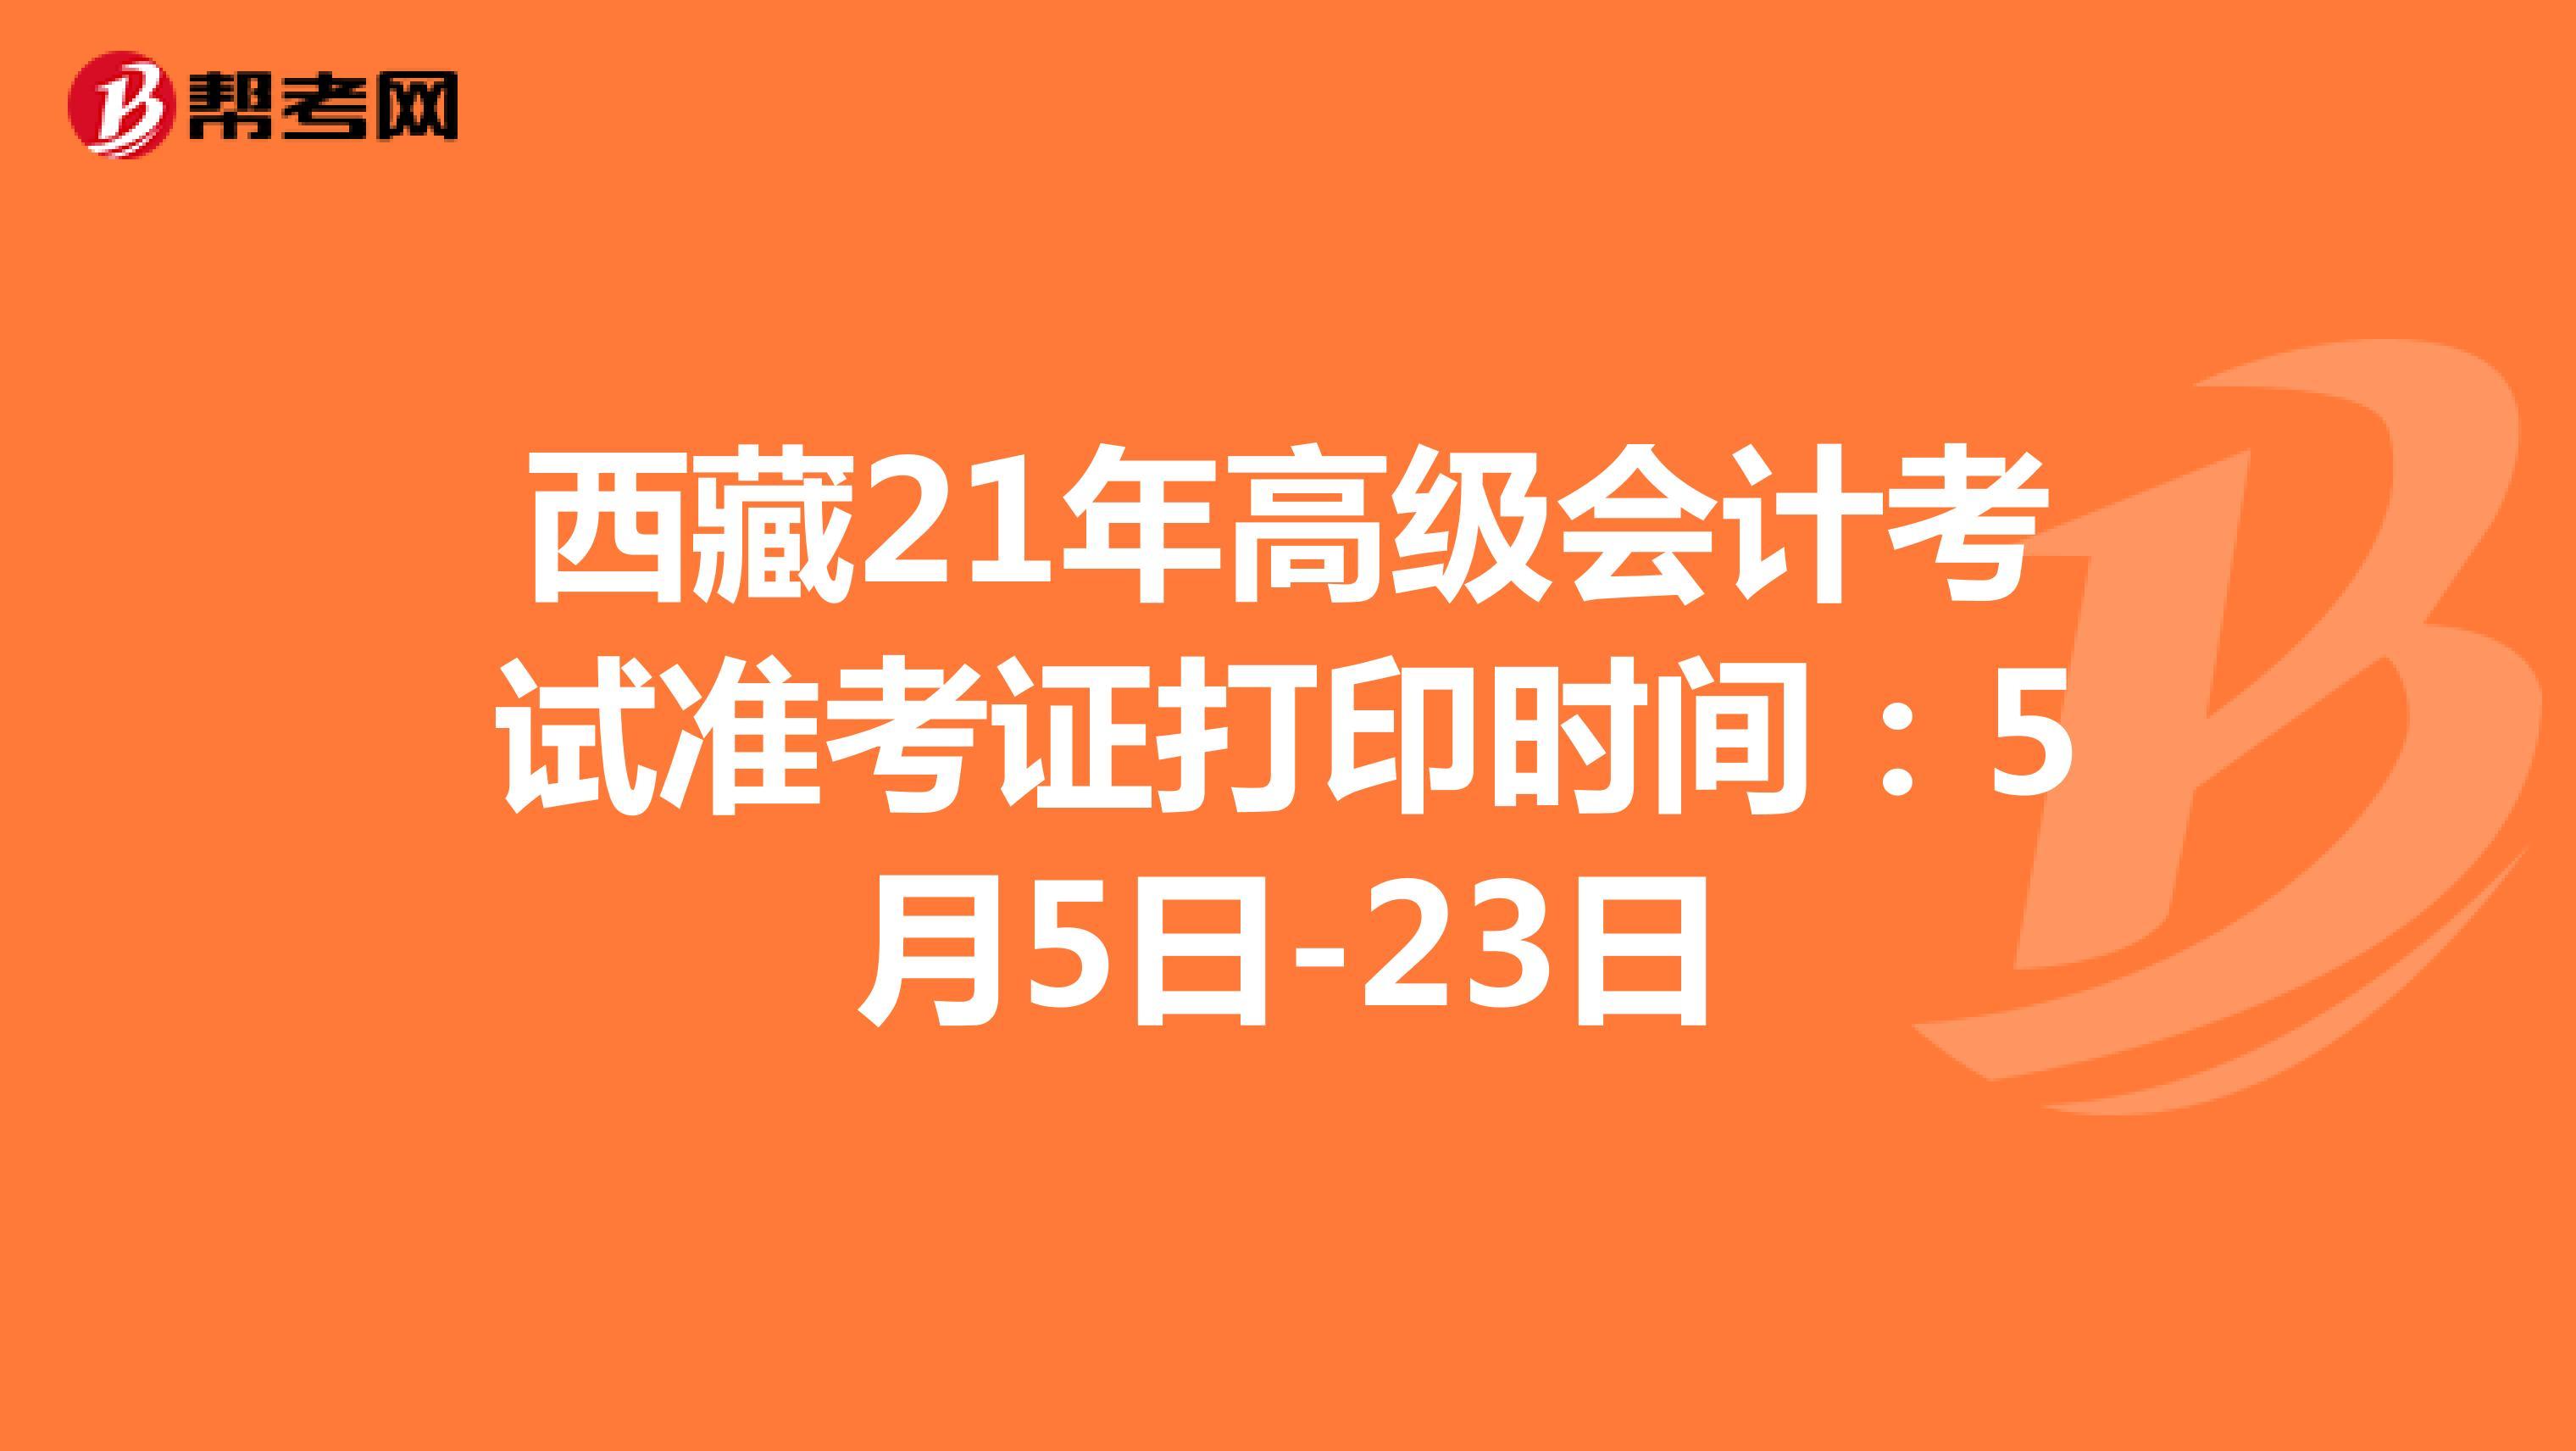 西藏21年高级会计考试准考证打印时间:5月5日-23日